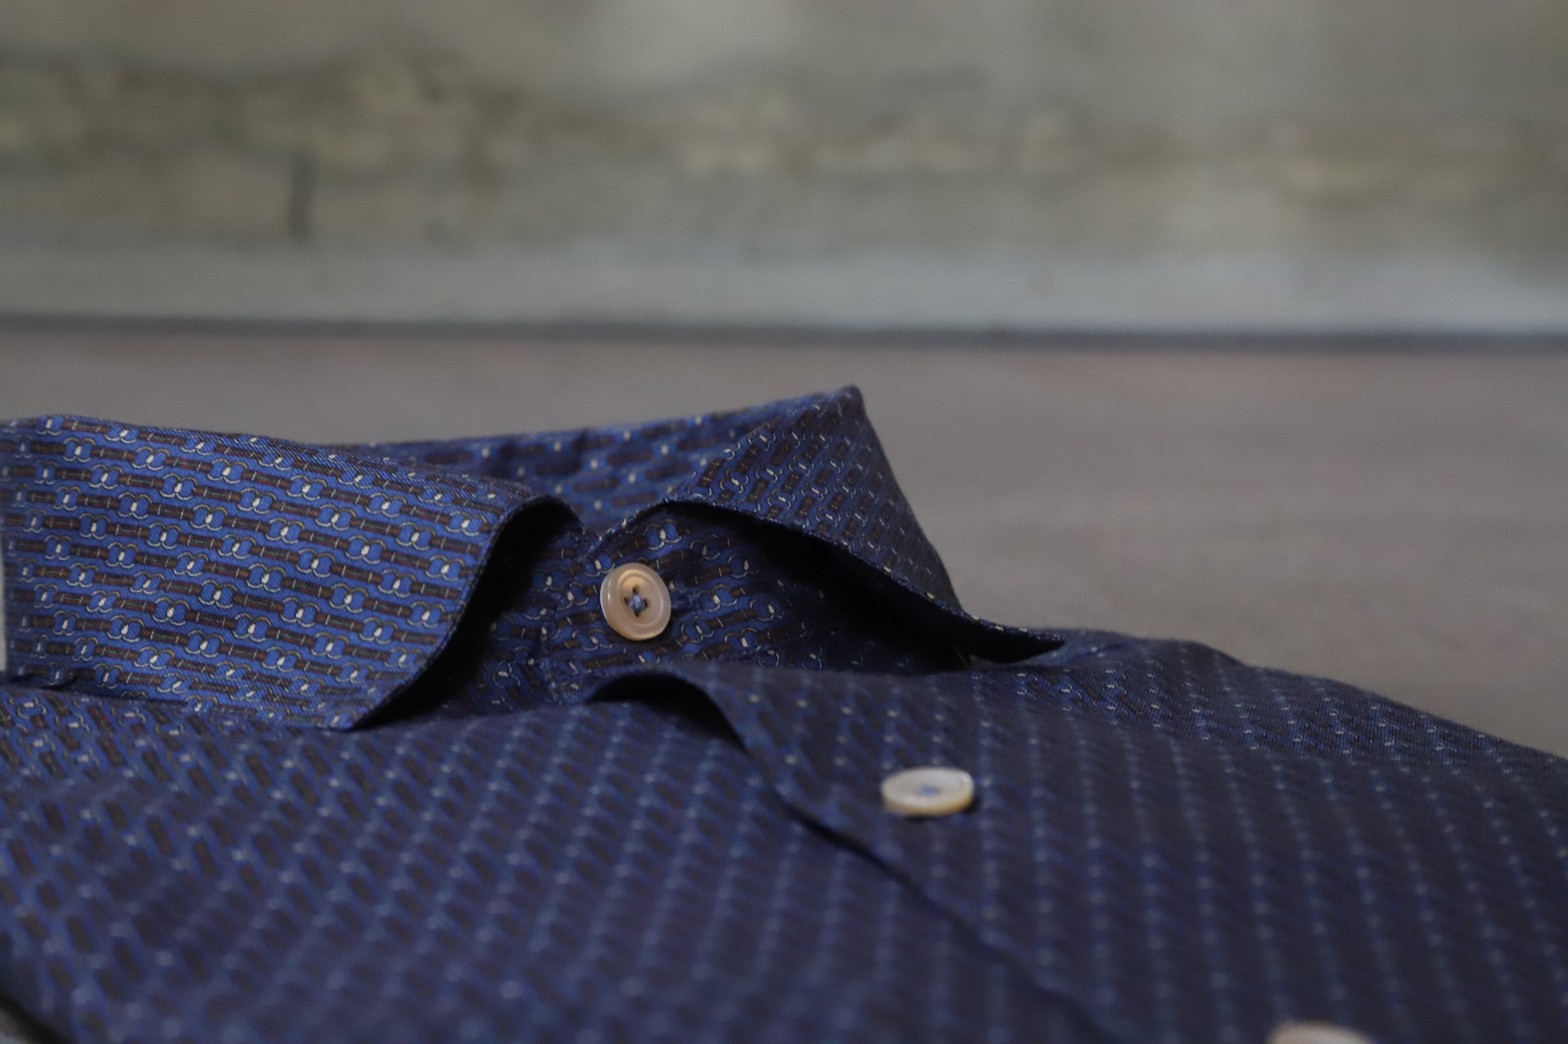 ザ・トリート・ドレッシングが提携するザ ソウドウ ヒガシヤマ キョウトなど格式の高い結婚式でのお色直しのスタイルは、エリコ フォルミコラ(ERRICO FORMICOLA)など上質なドレスシャツを使ったスタイリングがおすすめです。